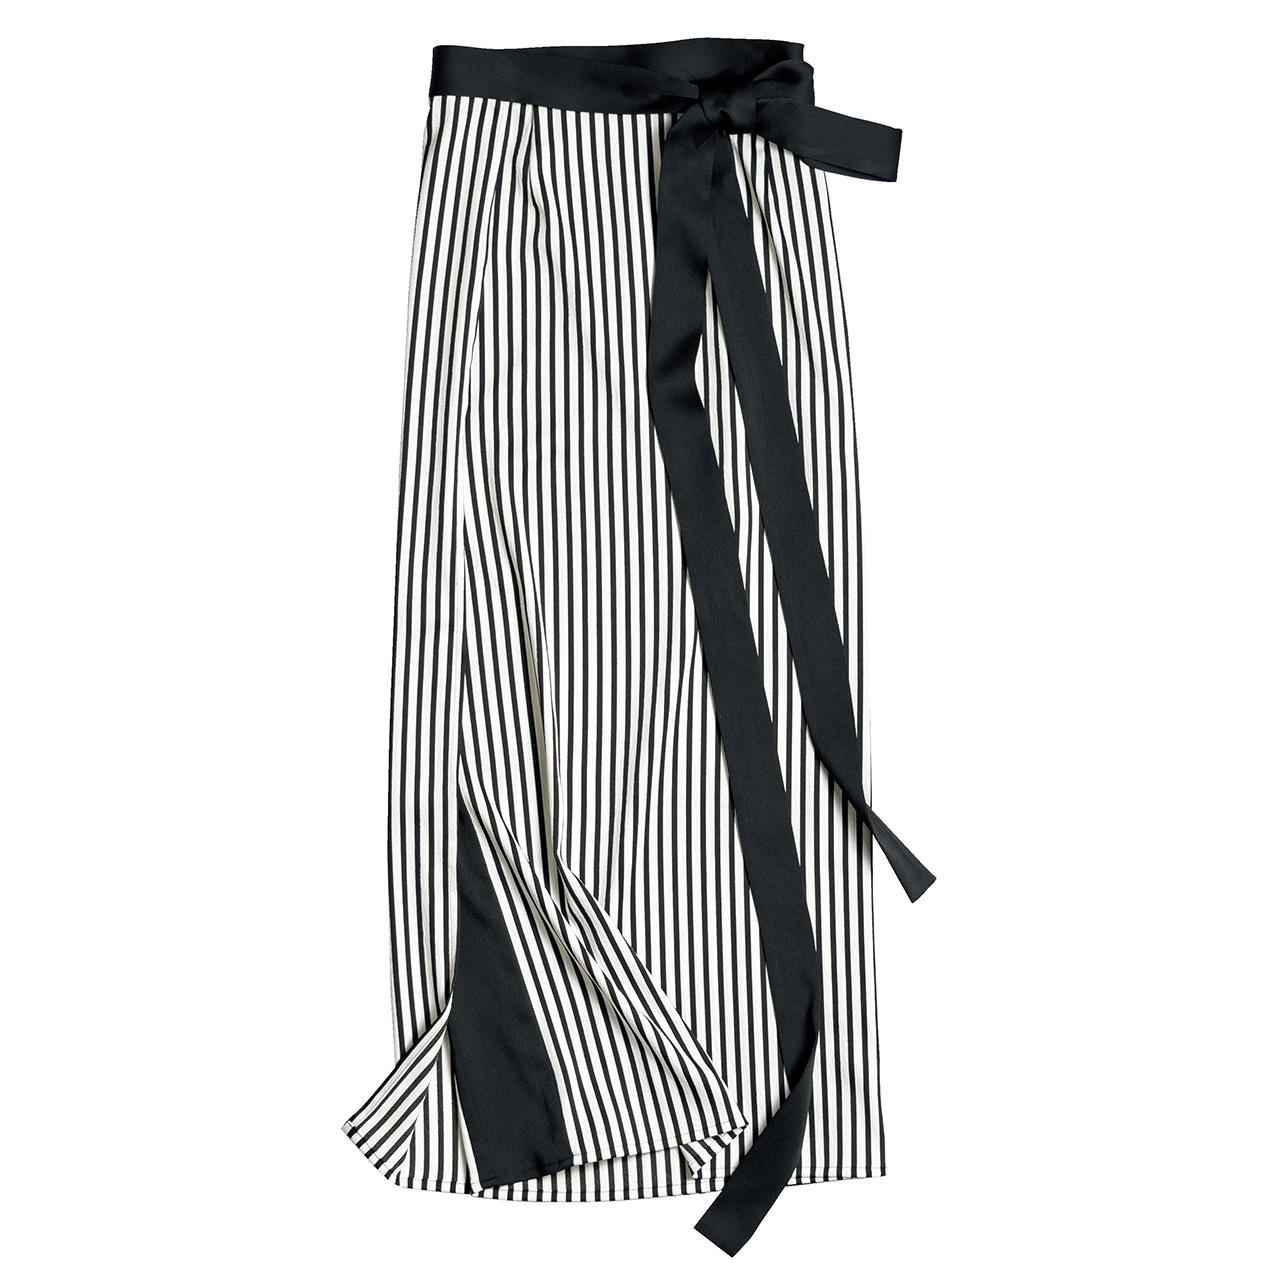 大人なシャープさが魅力の「ストライプスカート」 五選_1_1-5